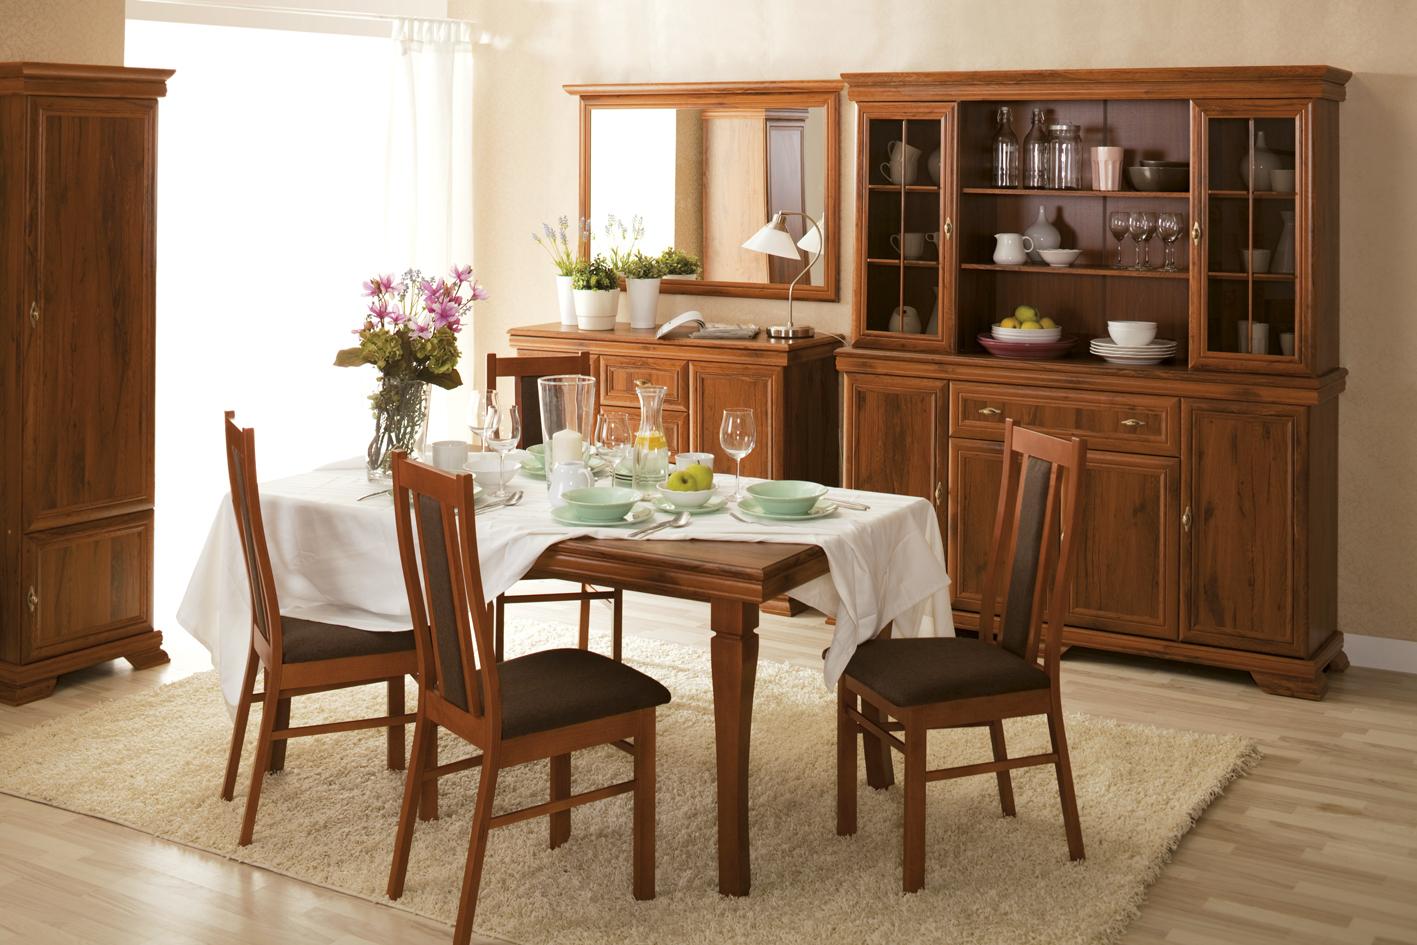 ts m bel schreibtisch kora kb holzfarbe nussbaum neu. Black Bedroom Furniture Sets. Home Design Ideas